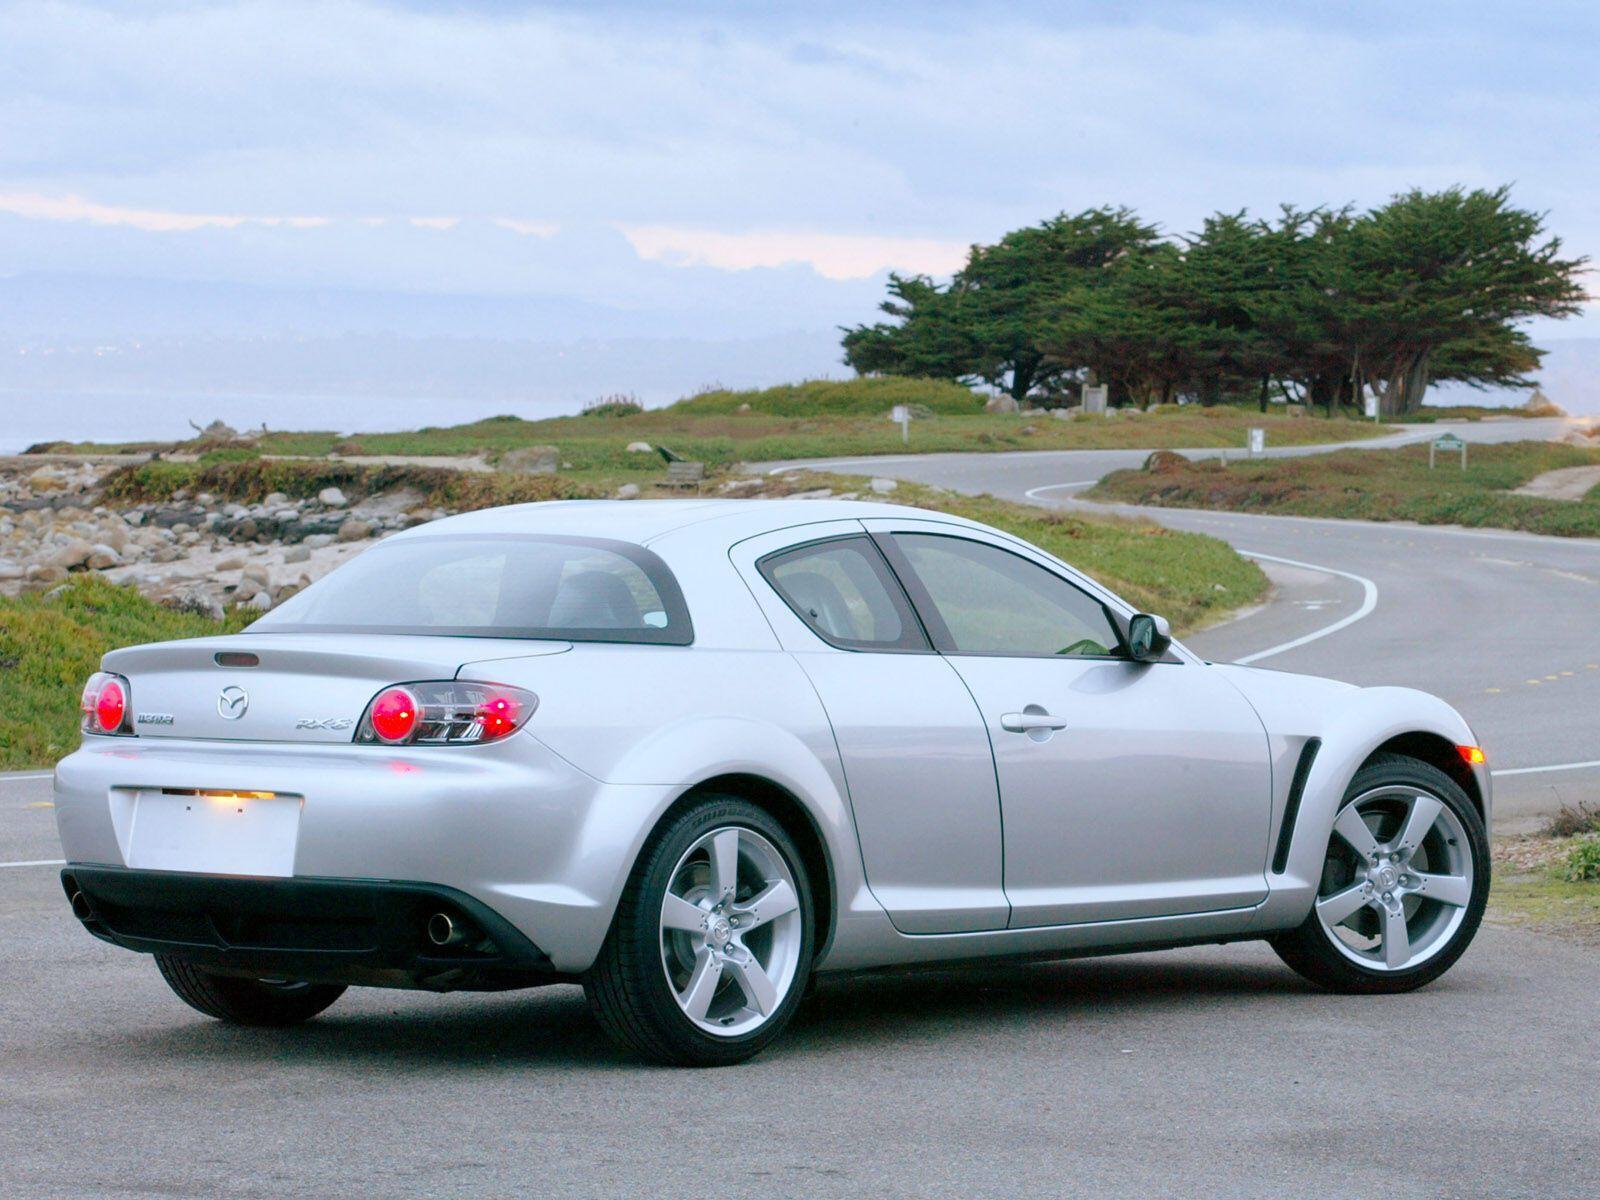 Збалансовані пропорції і спортивність – так можна охарактеризувати дизайн Mazda RX-8